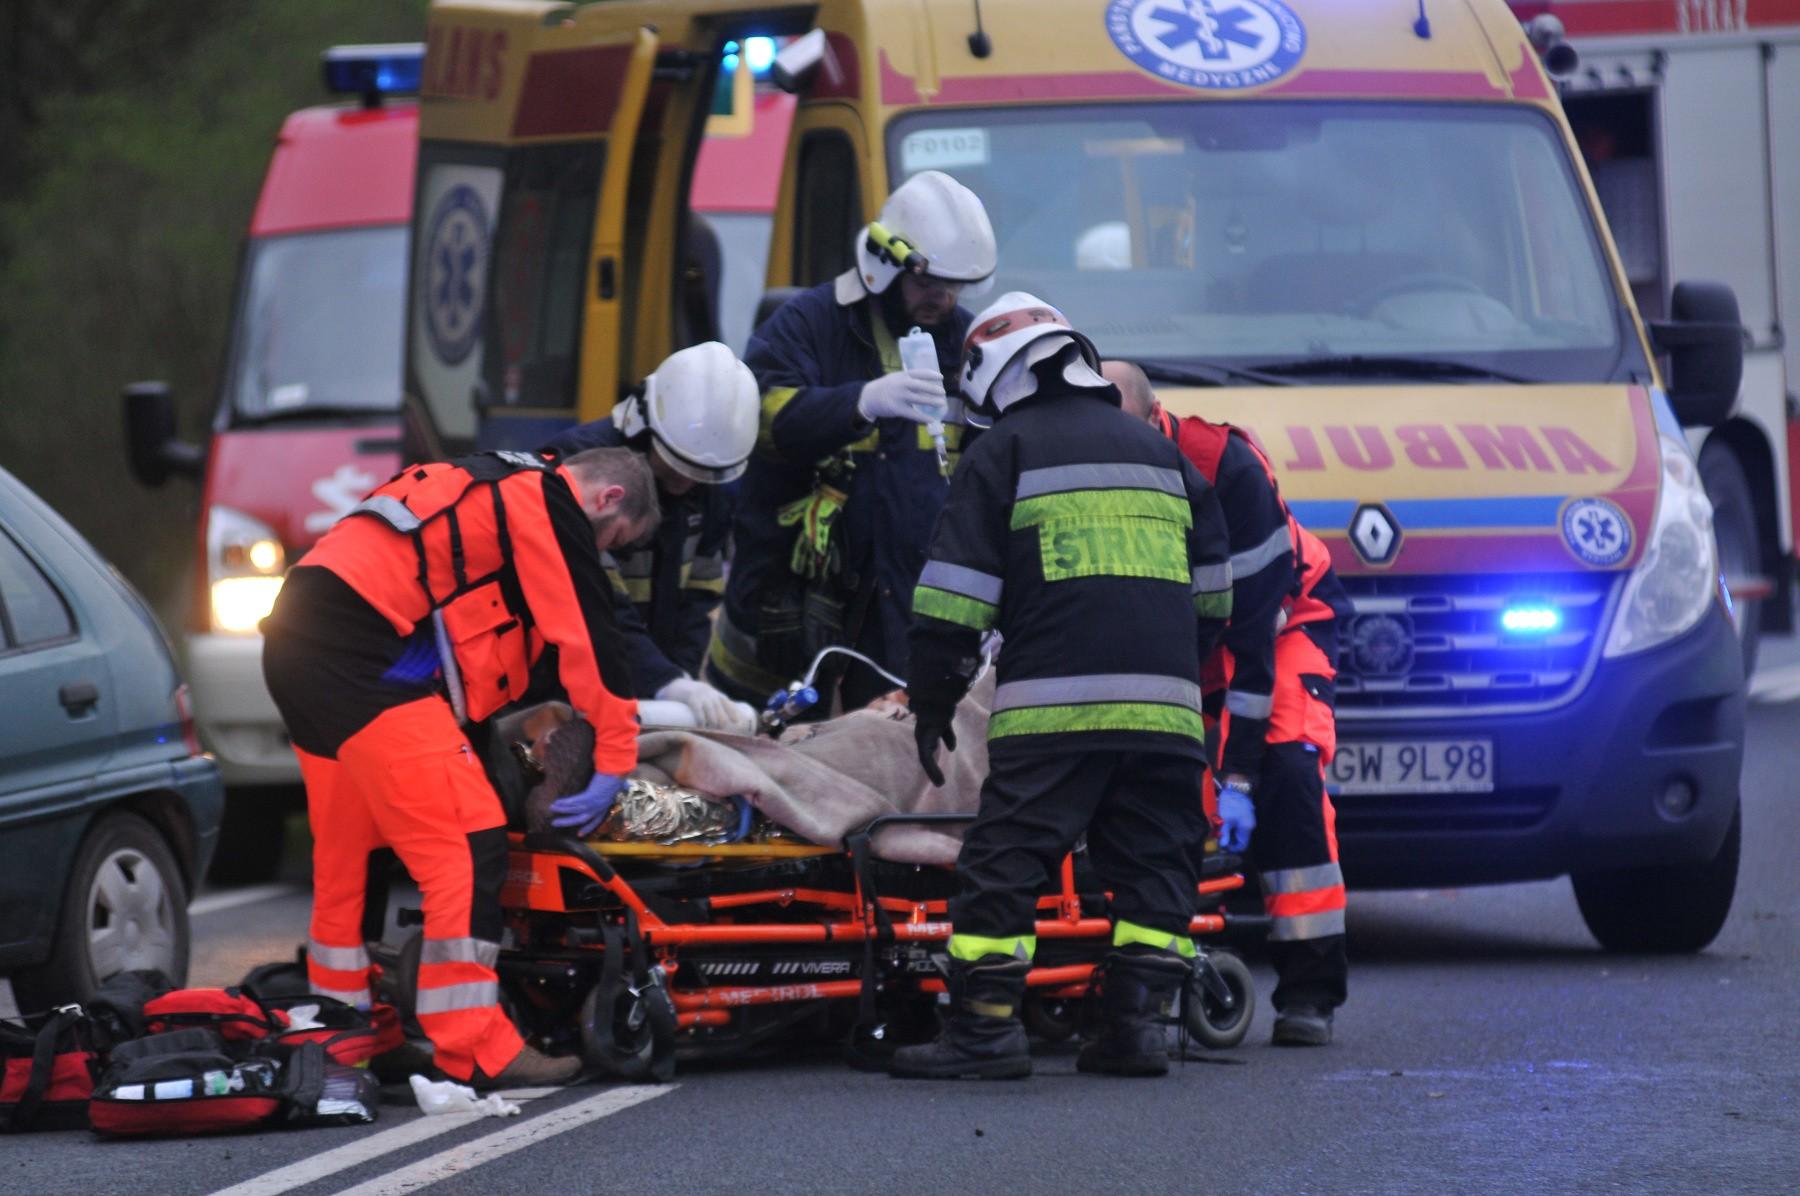 Wypadek pod Witnicą Znowu w tym samym miejscu! [ZDJĘCIA, FILM]  gazetalubus   -> Kuchnie Pod Zabudowe Kostrzyn Nad Odra